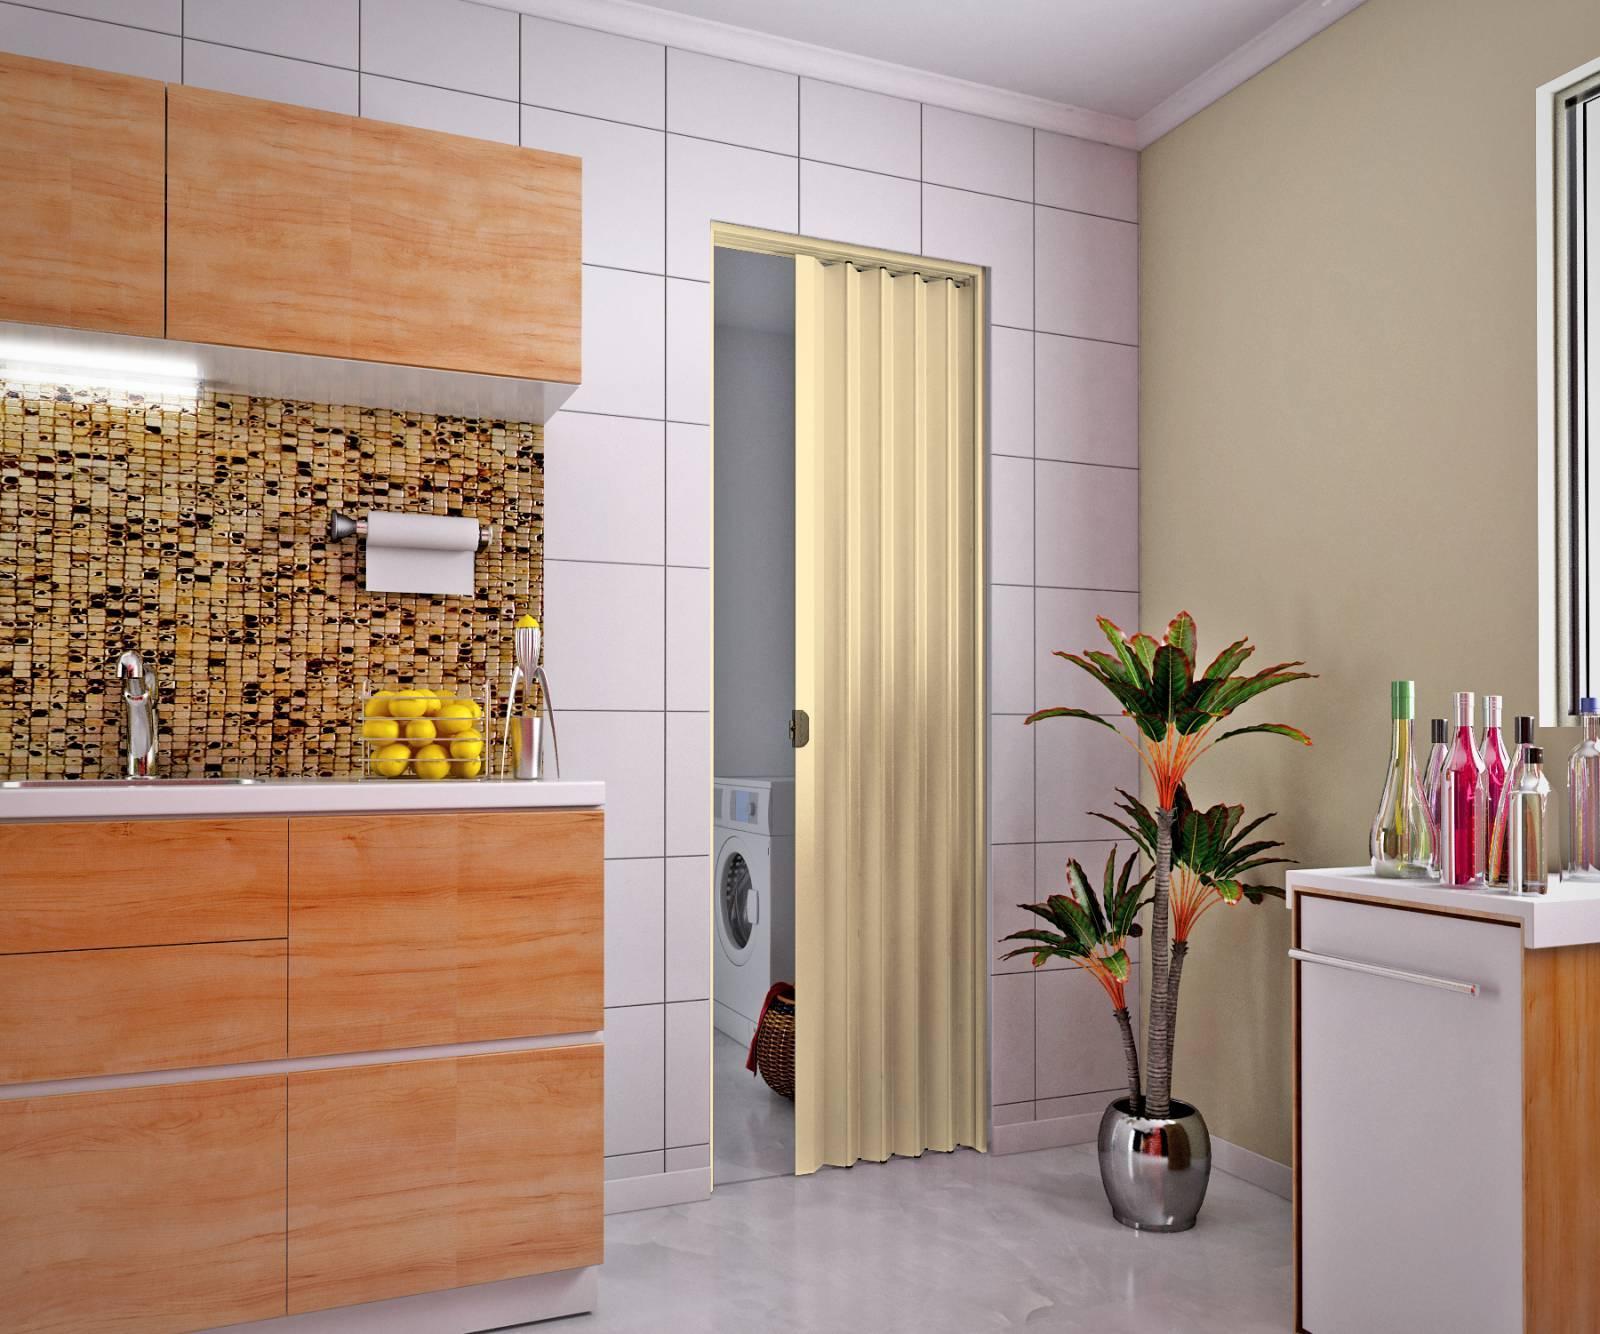 Porta Sanfonada De Pvc plasbil 2,10 x 80.cm Areia - Casa Sul Materiais e Acabamento